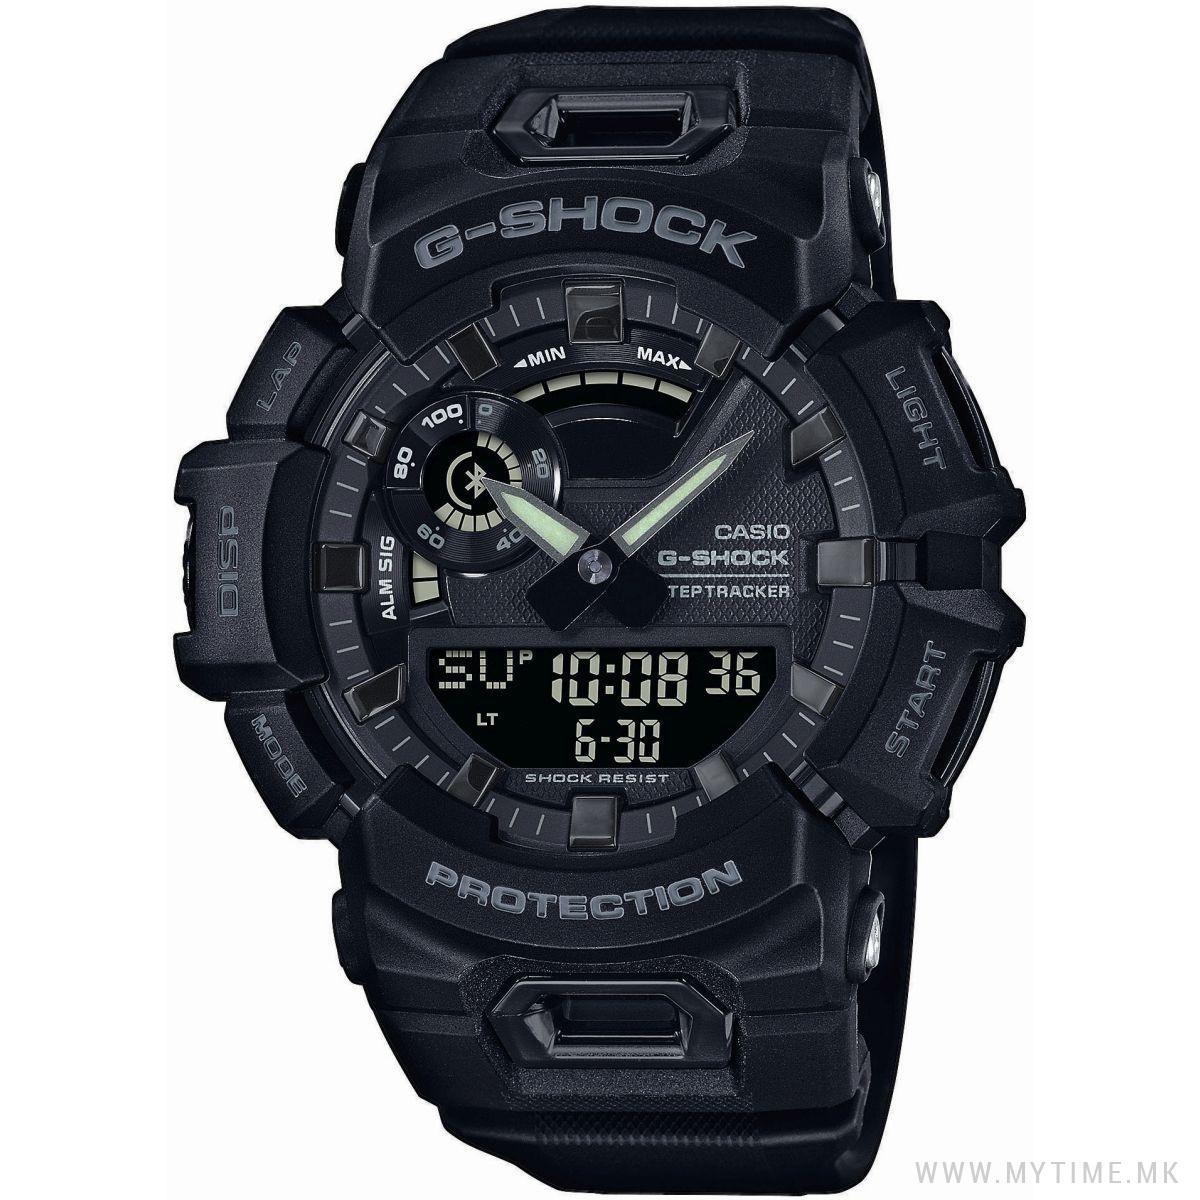 GBA-900-1A GBA-900